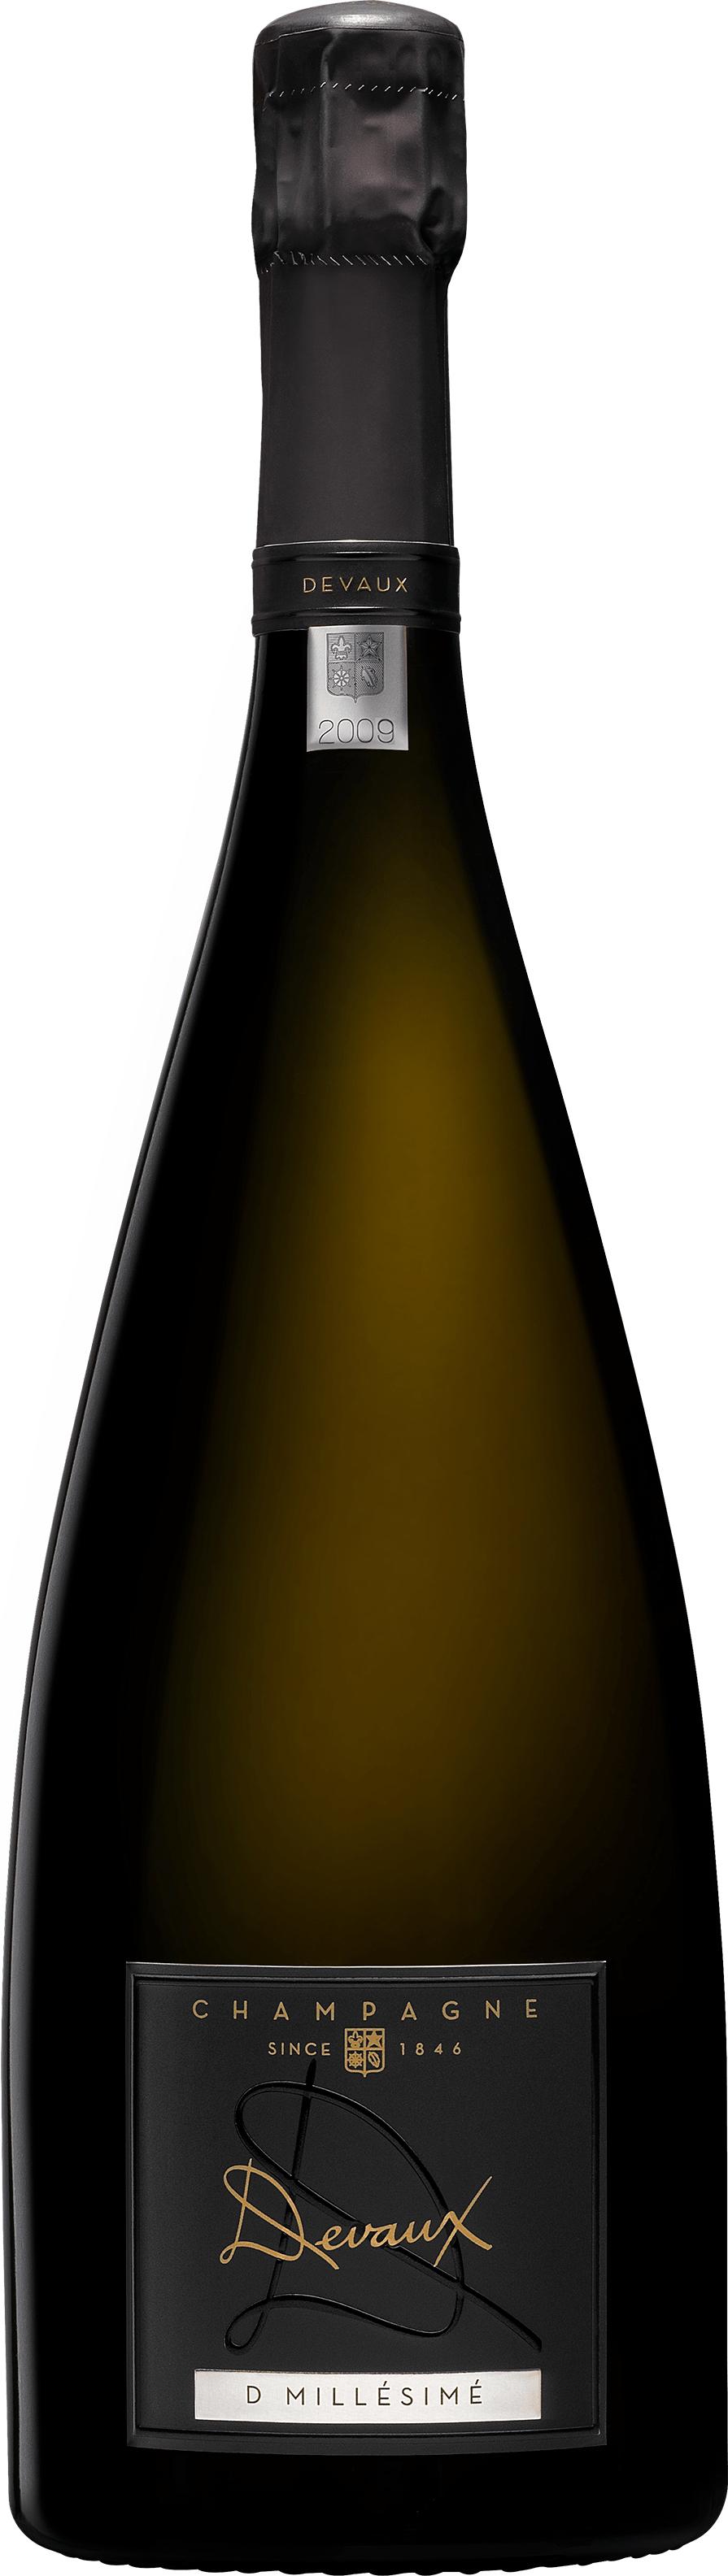 Champagne Devaux D millésime 2009